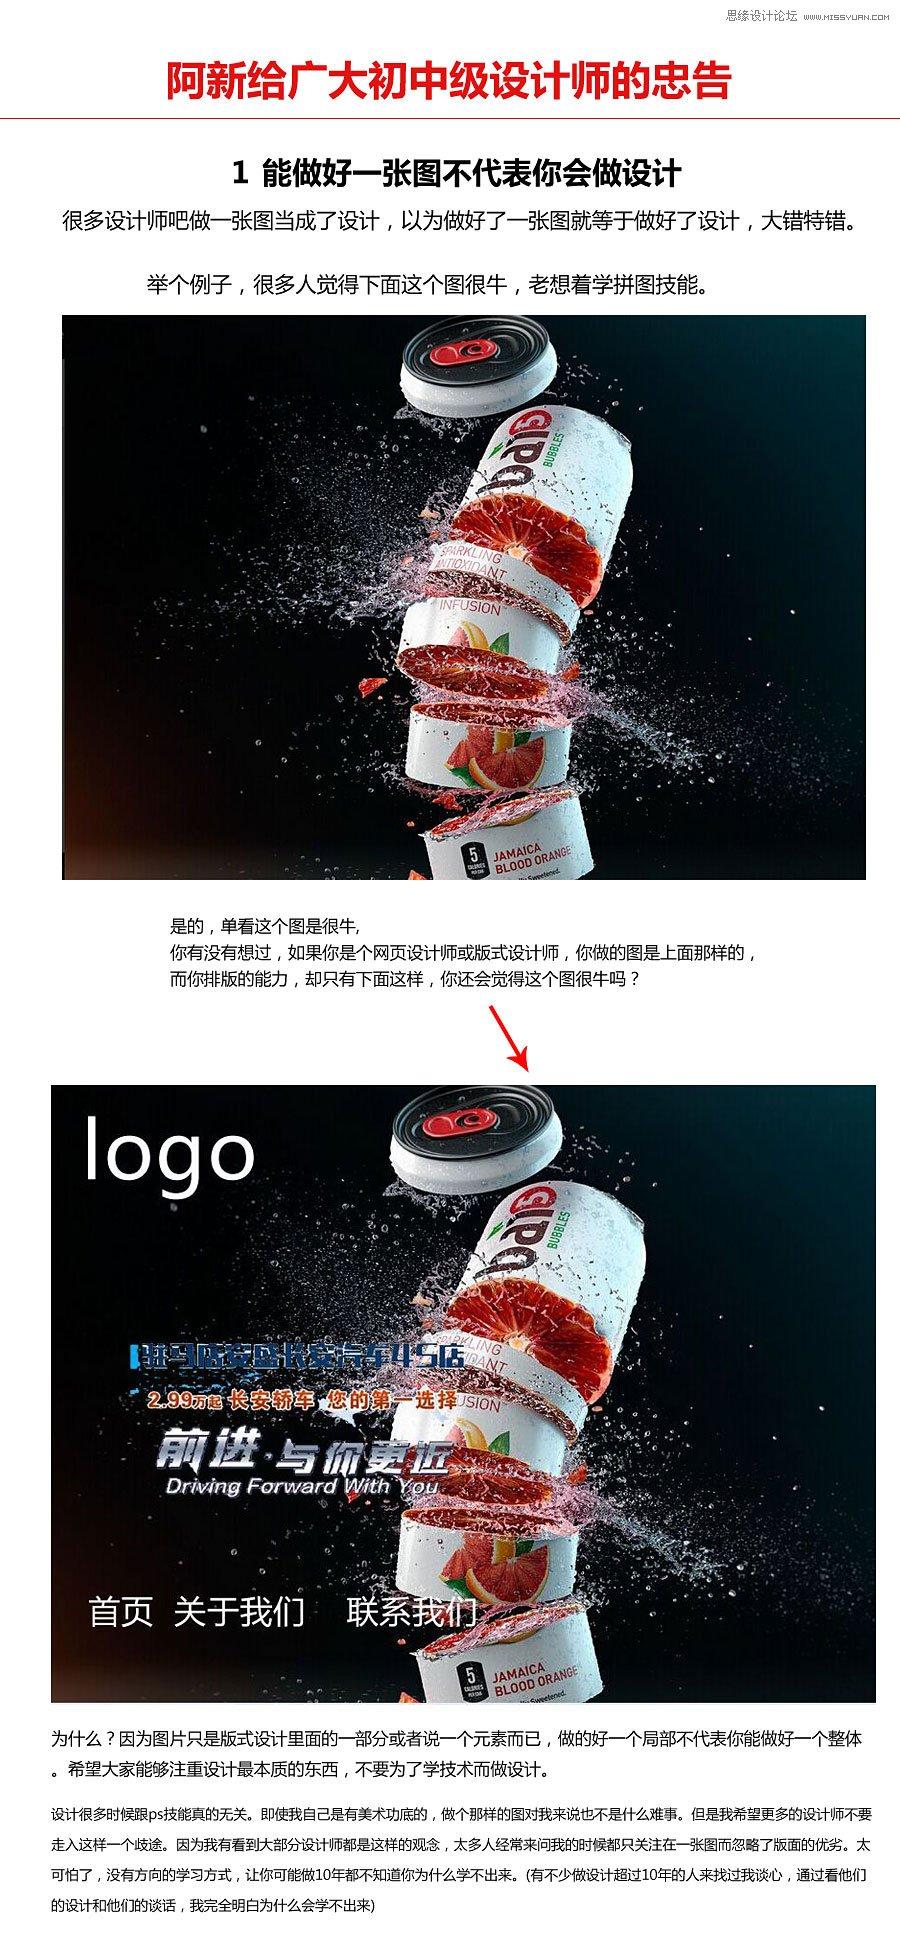 設計師乾貨分享之排版設計實例分析